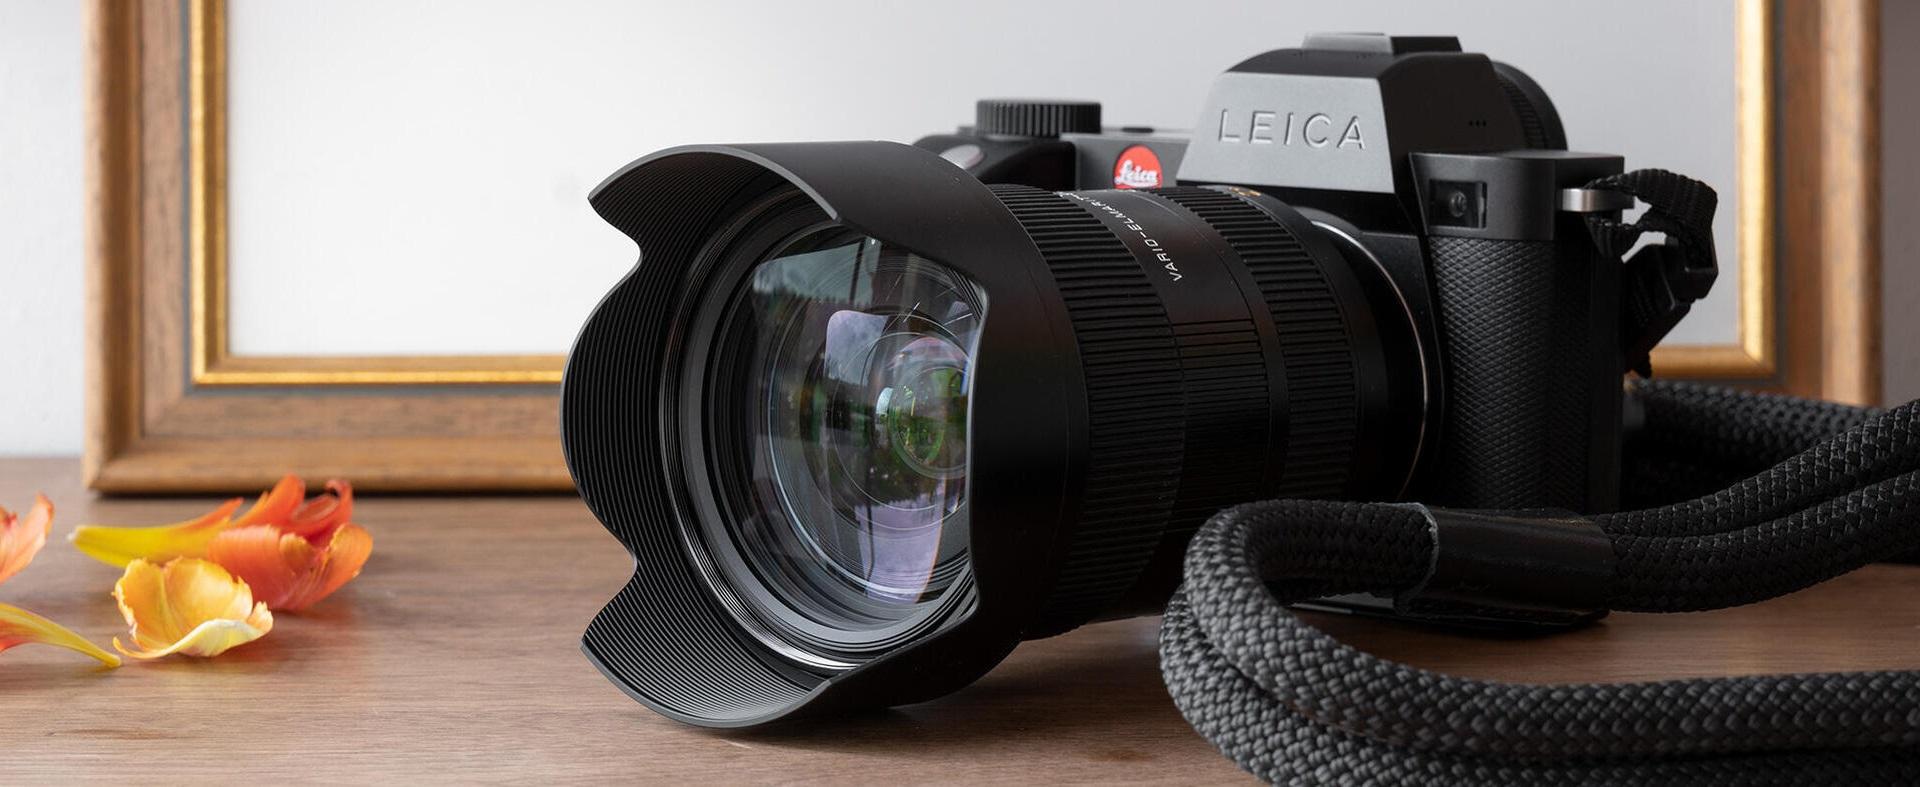 Leica Vario-Elmarit-SL 24-70mm f/2.8 ASPH. Lens Announced